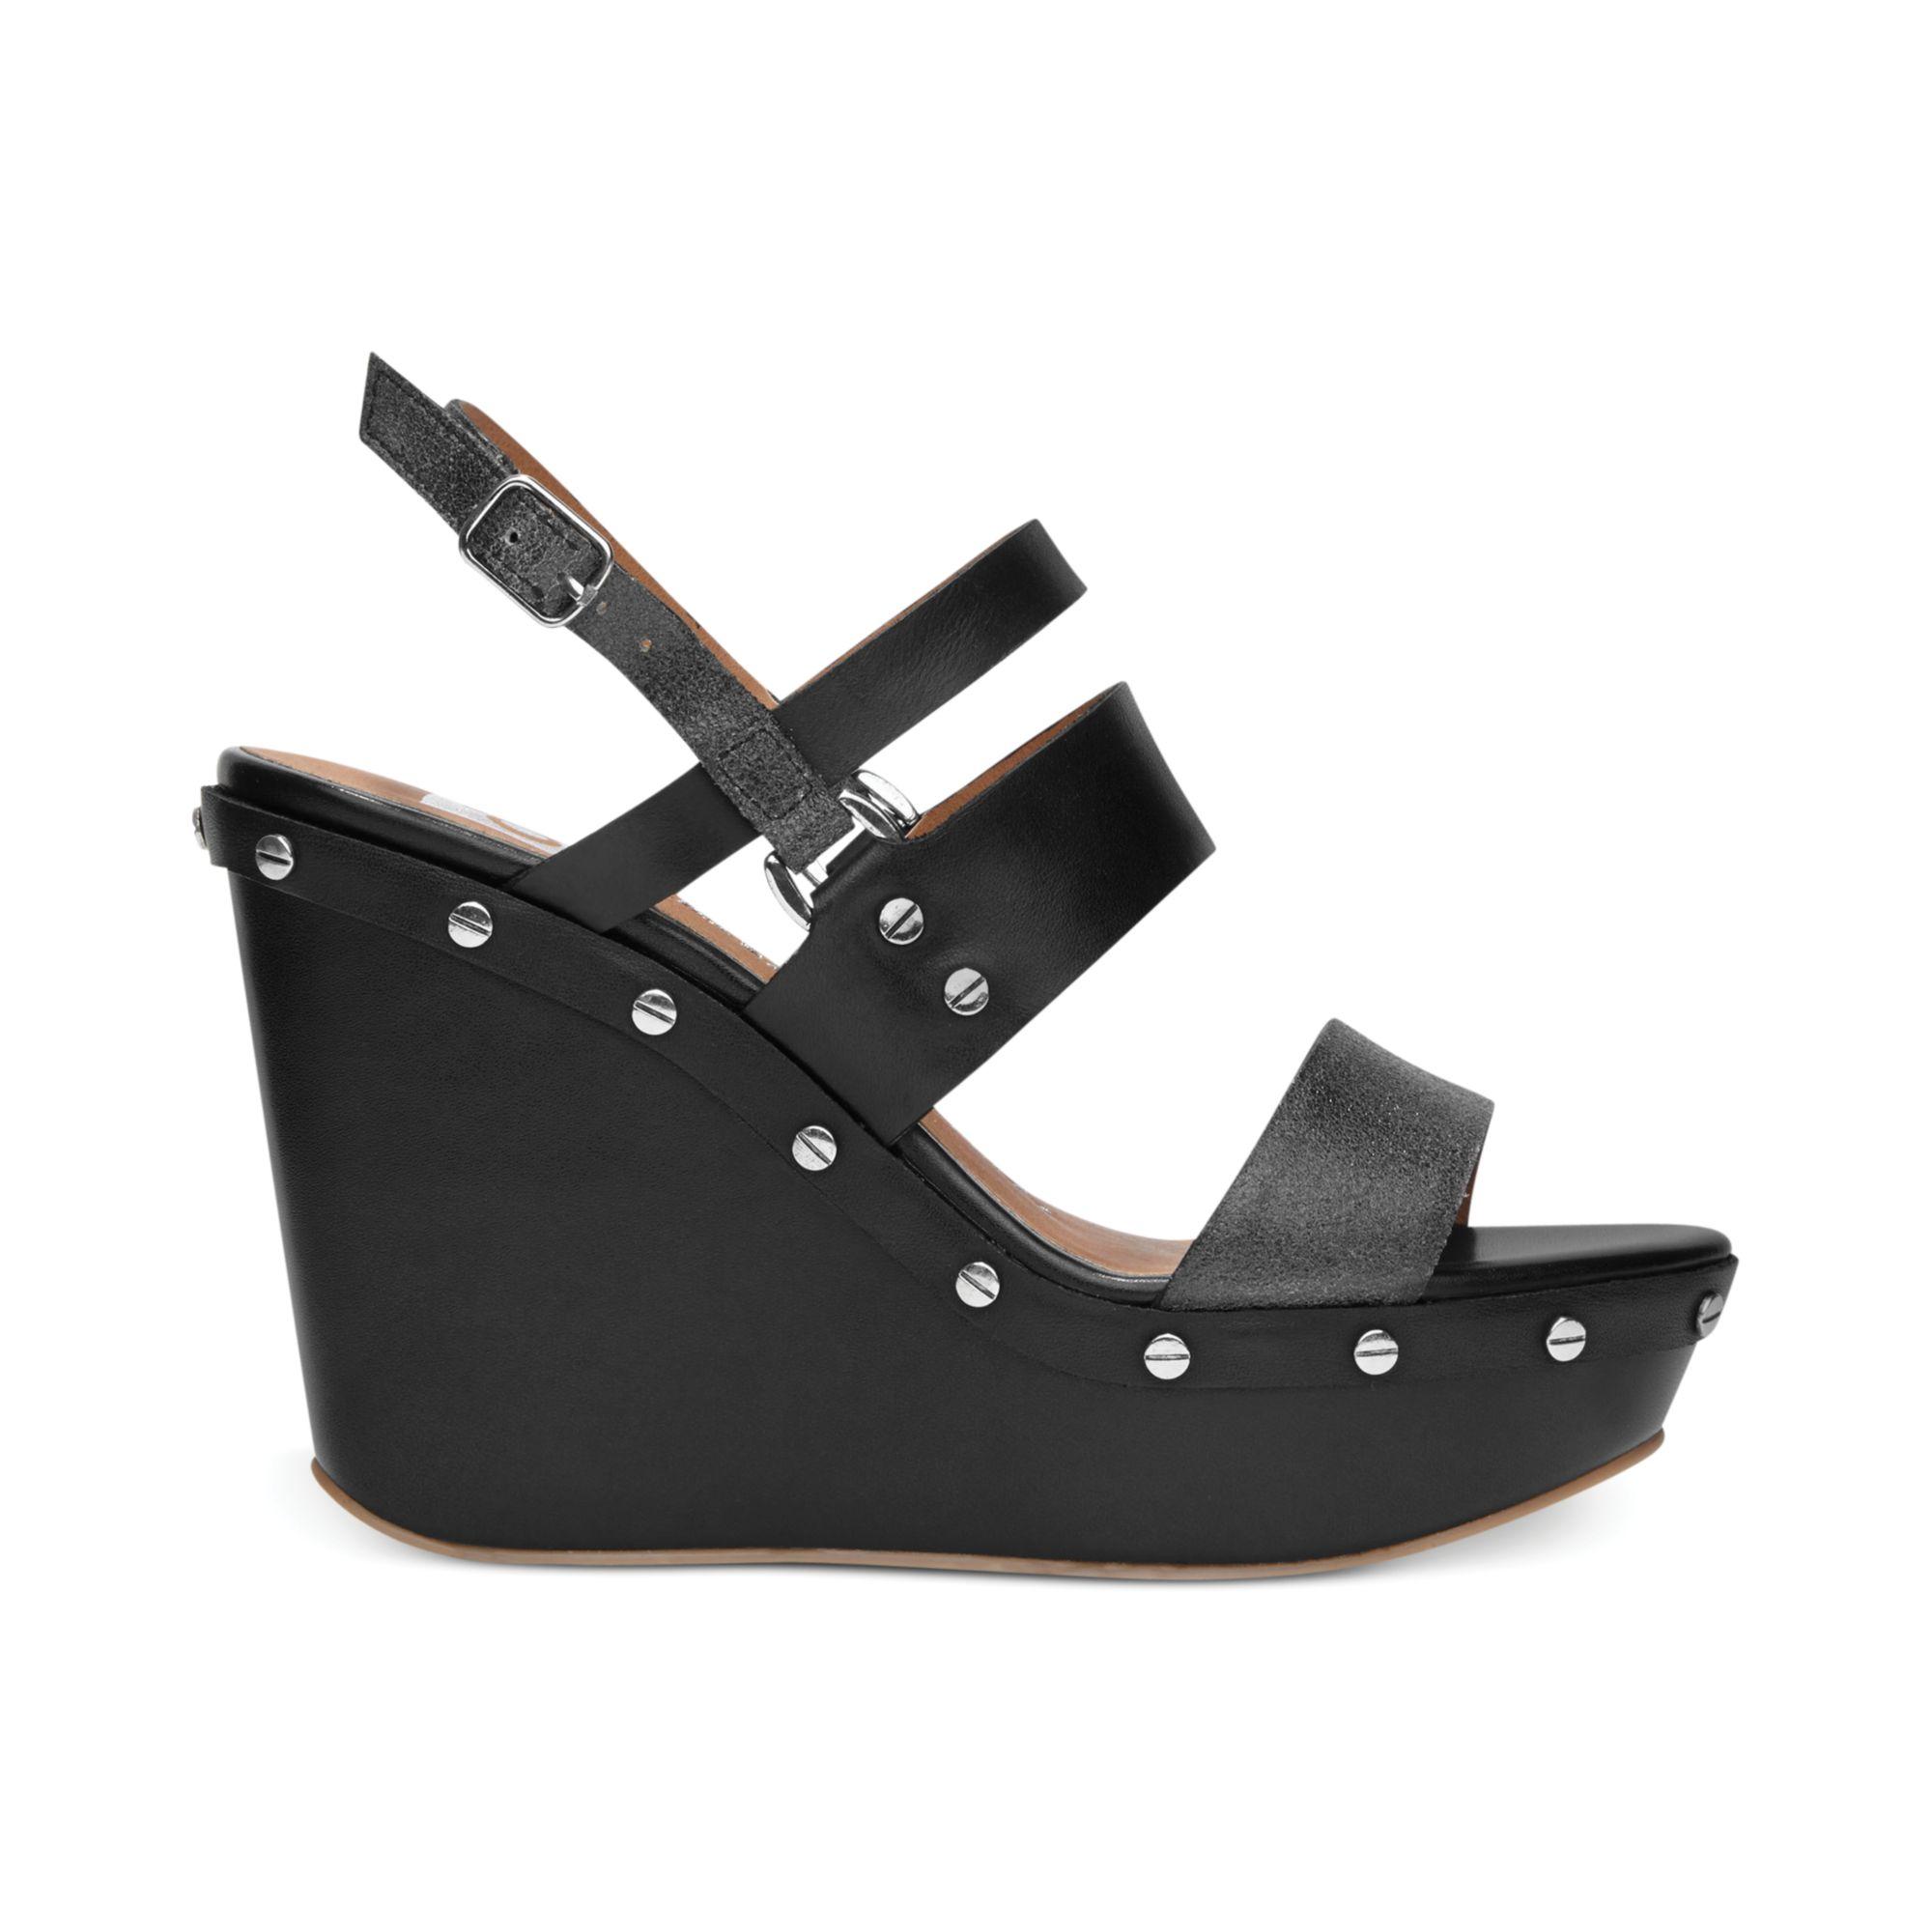 dolce vita dv by noleta platform wedge sandals in black lyst